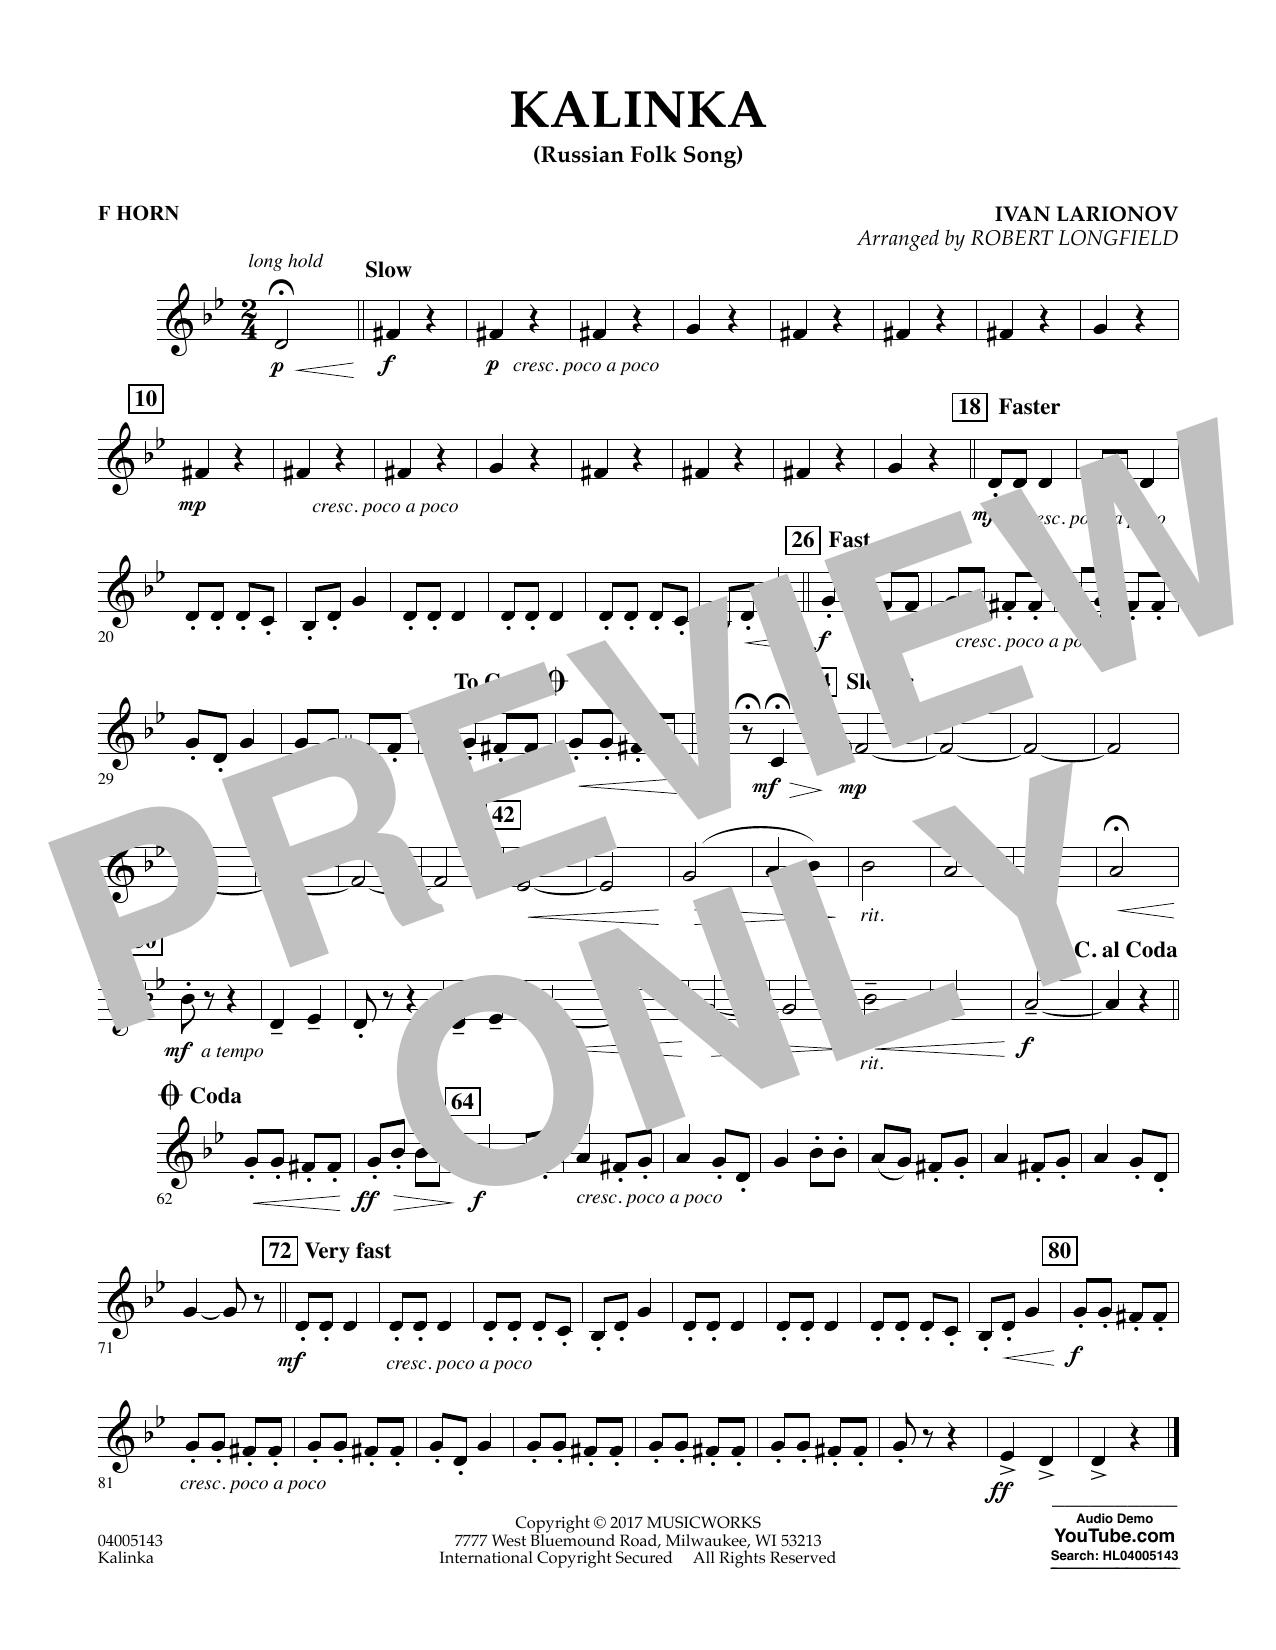 Kalinka (Russian Folk Song) - F Horn (Concert Band)